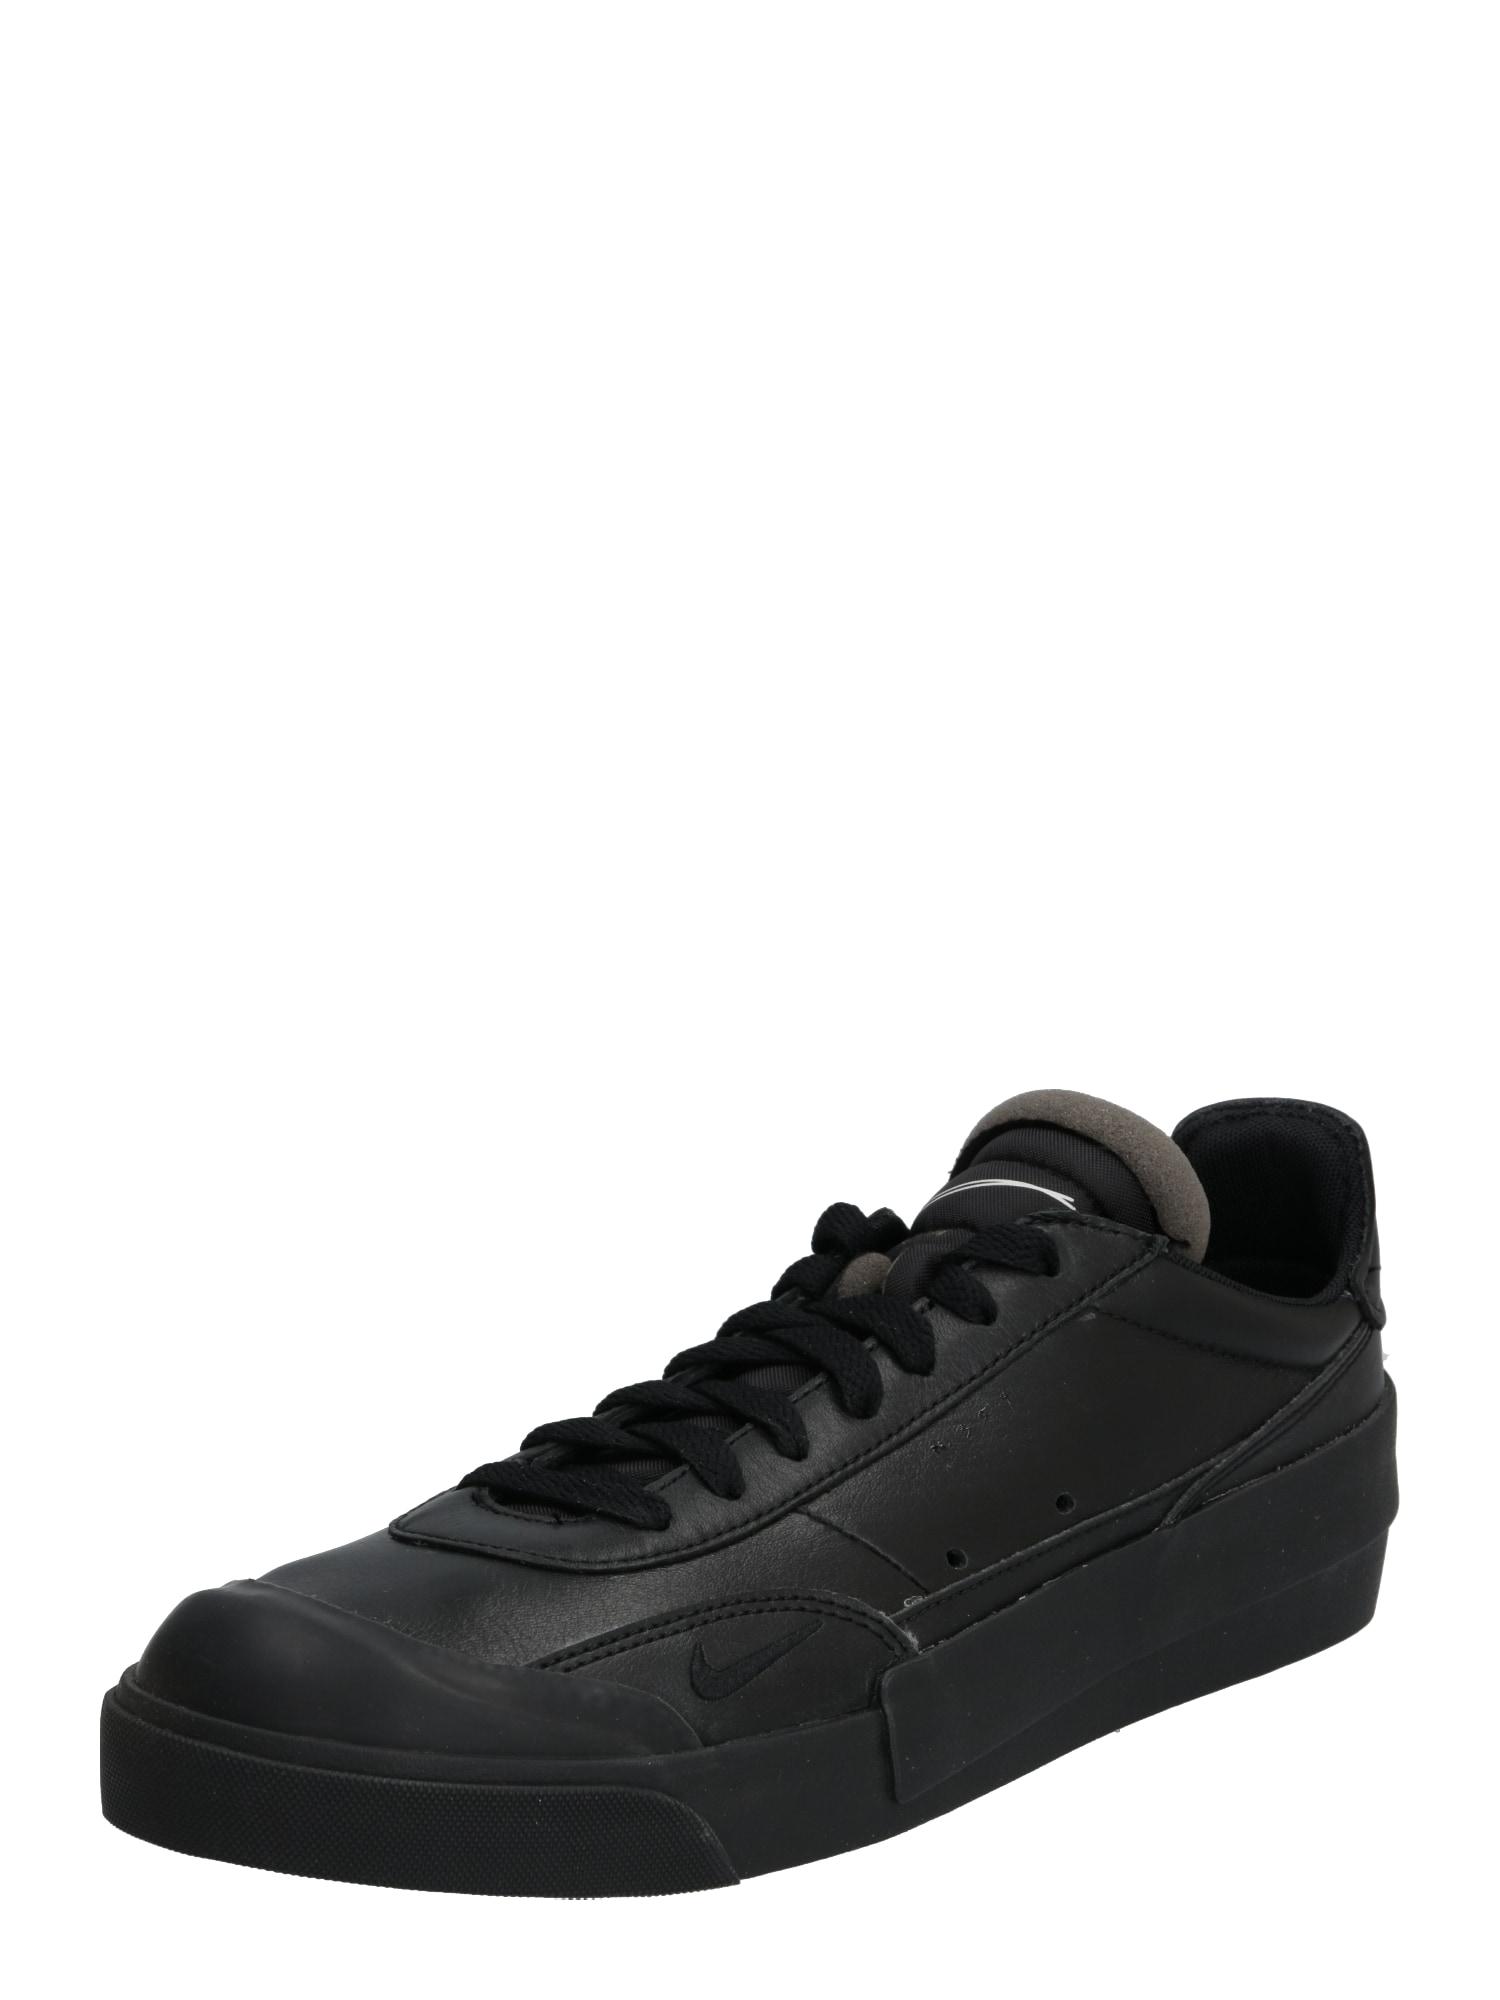 NIKE Sportiniai batai 'Nike Drop Type' juoda